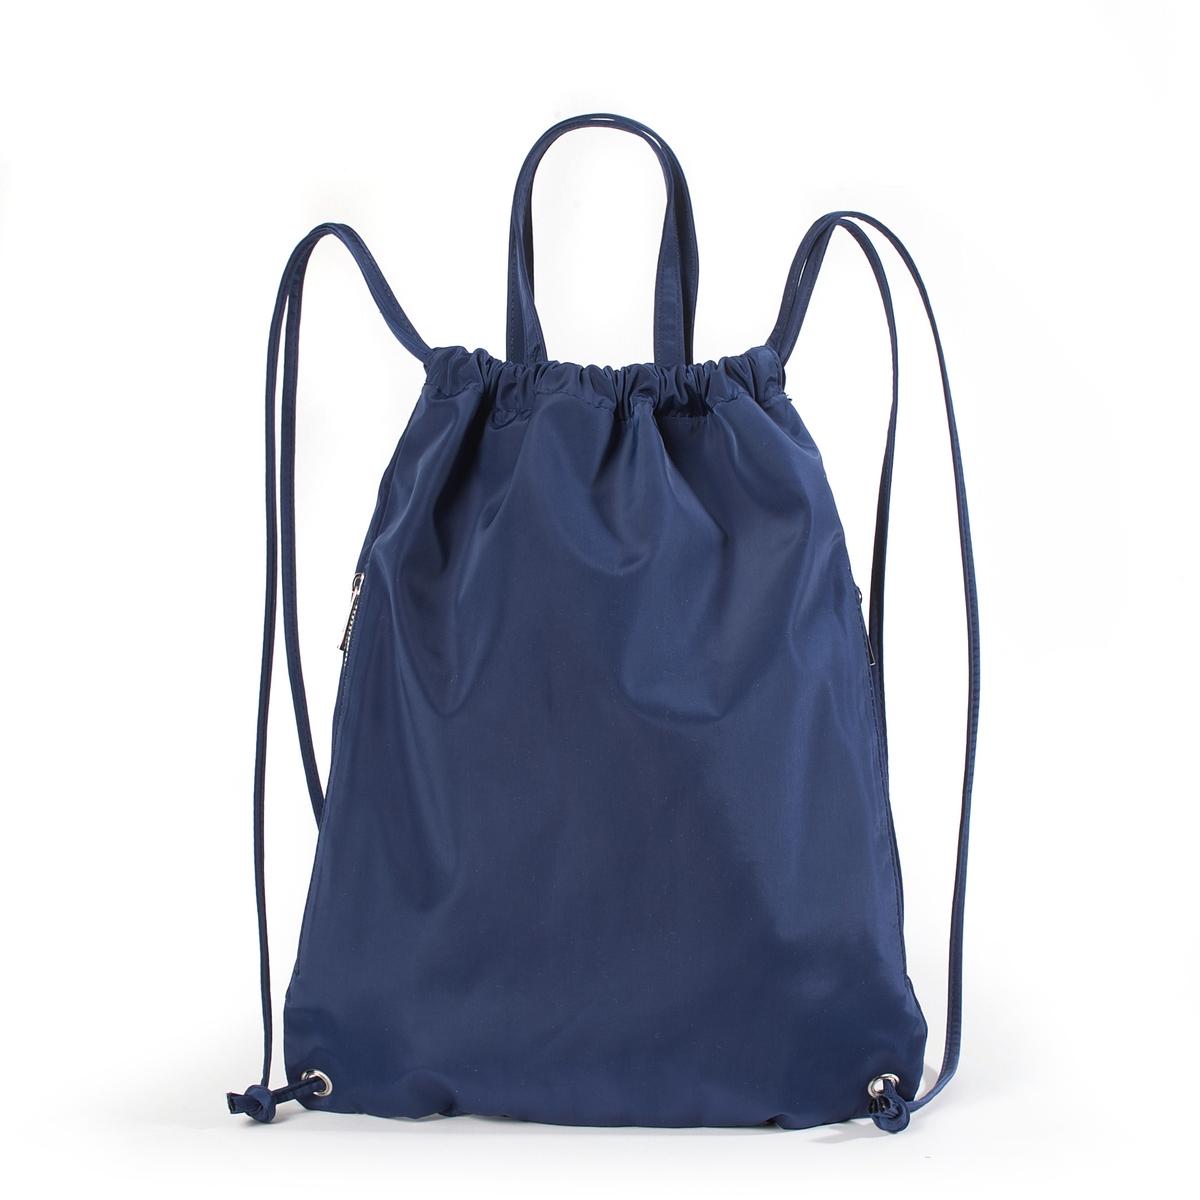 РюкзакЛегкая сумка-рюкзак, R essentiels..Легкая и практичная сумка. Можно носить в руках или на спине во время пеших прогулок или поездок на велосипеде, или же использовать как дополнительную сумку в составе основной Состав и описаниеМатериал : верх из нейлона                 подкладка: нейлонМарка : R essentiels.Размеры : Ш.33 x В.42 смЗастежка :  завязки.1 карман на молнии    сбоку2 кармана для мобильных -1 карман на молнии Бретели не регулируются.<br><br>Цвет: синий морской<br>Размер: единый размер